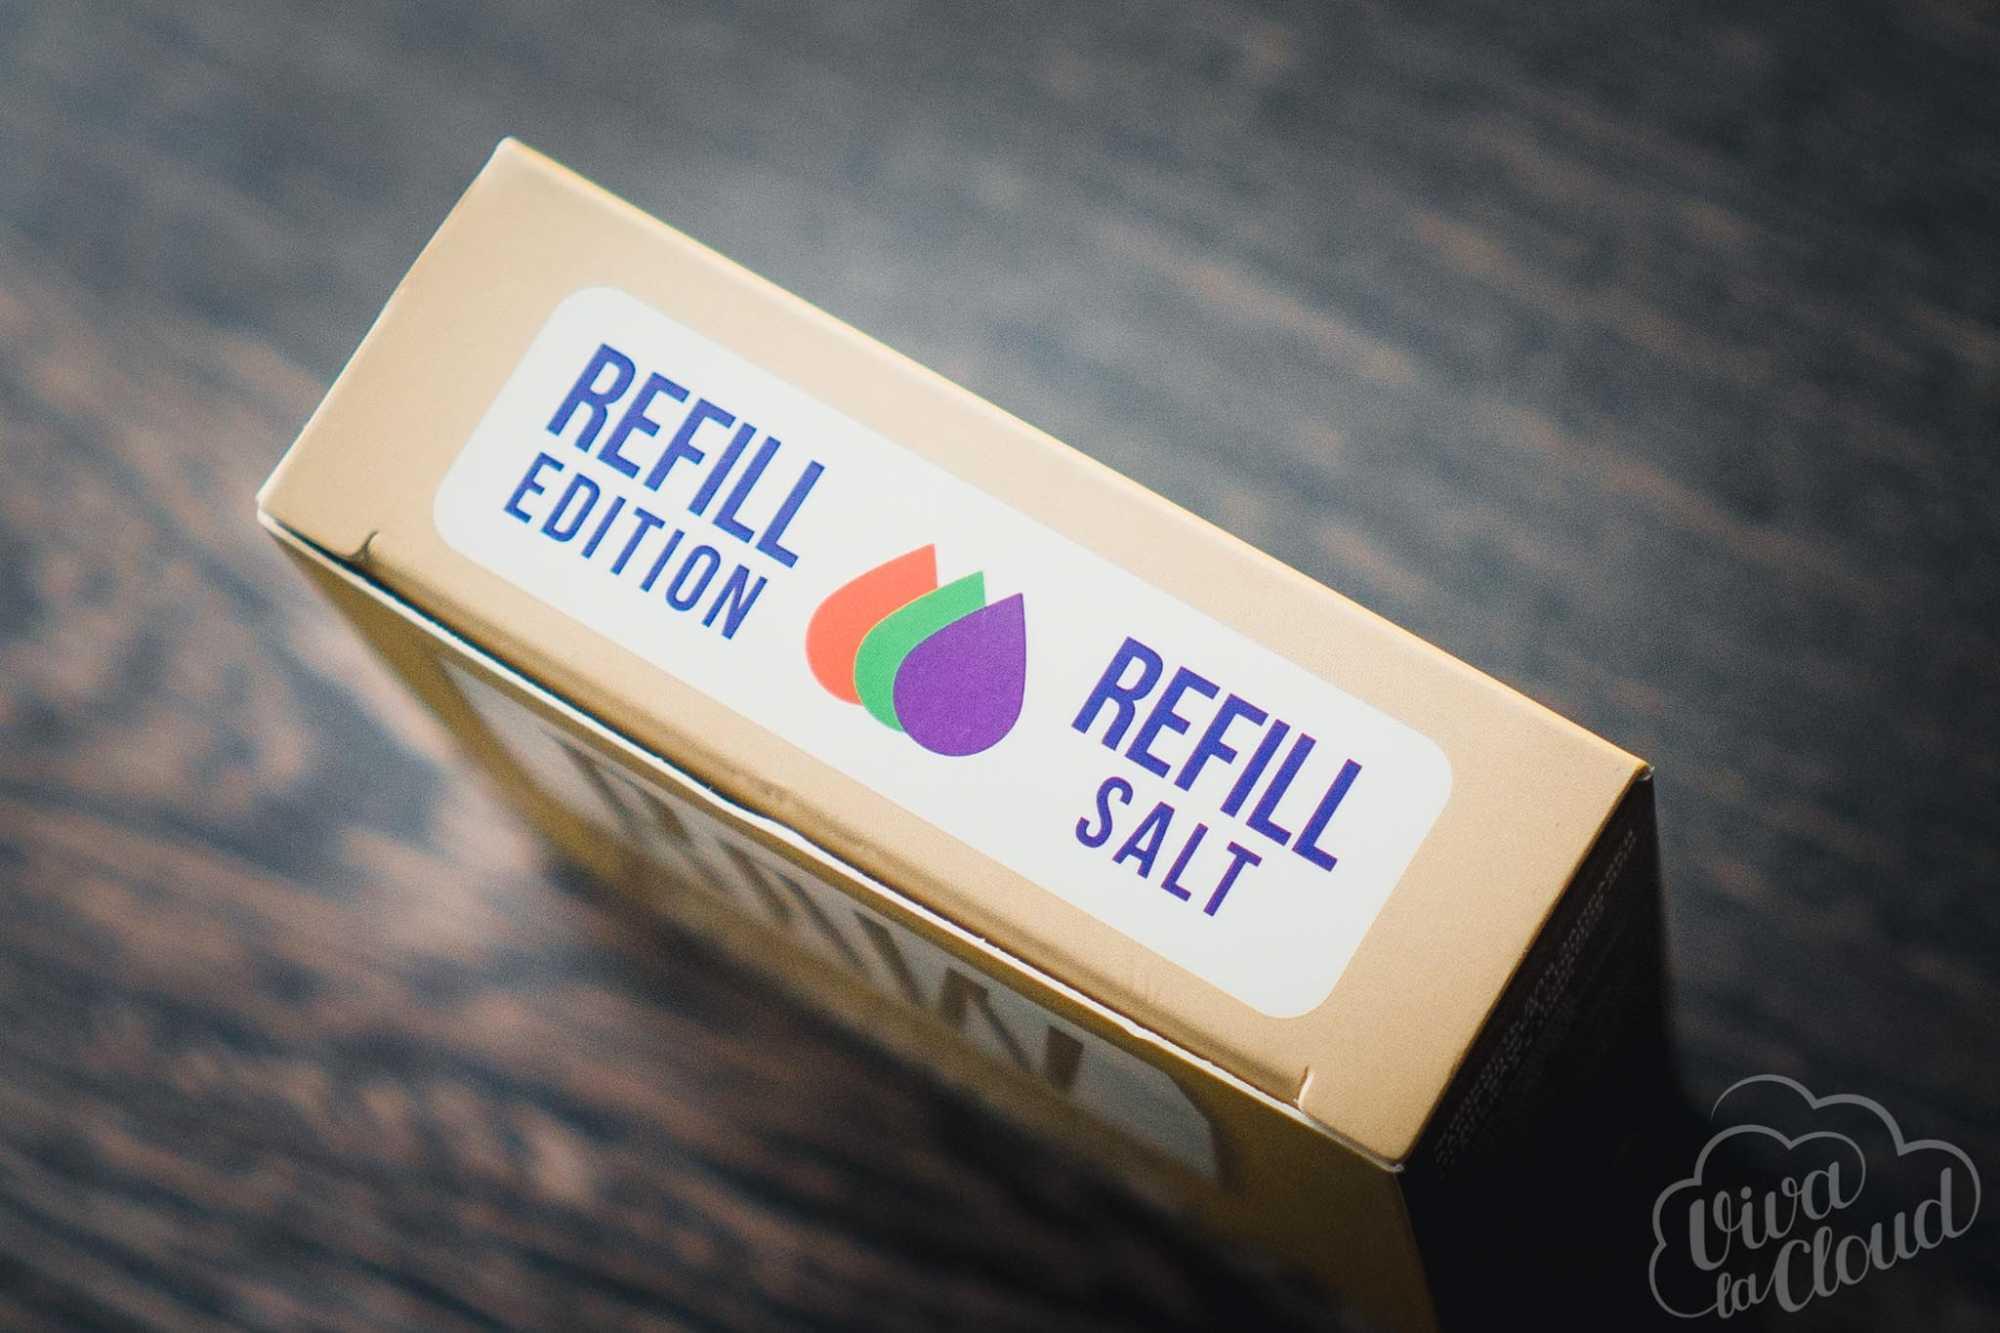 refill salt